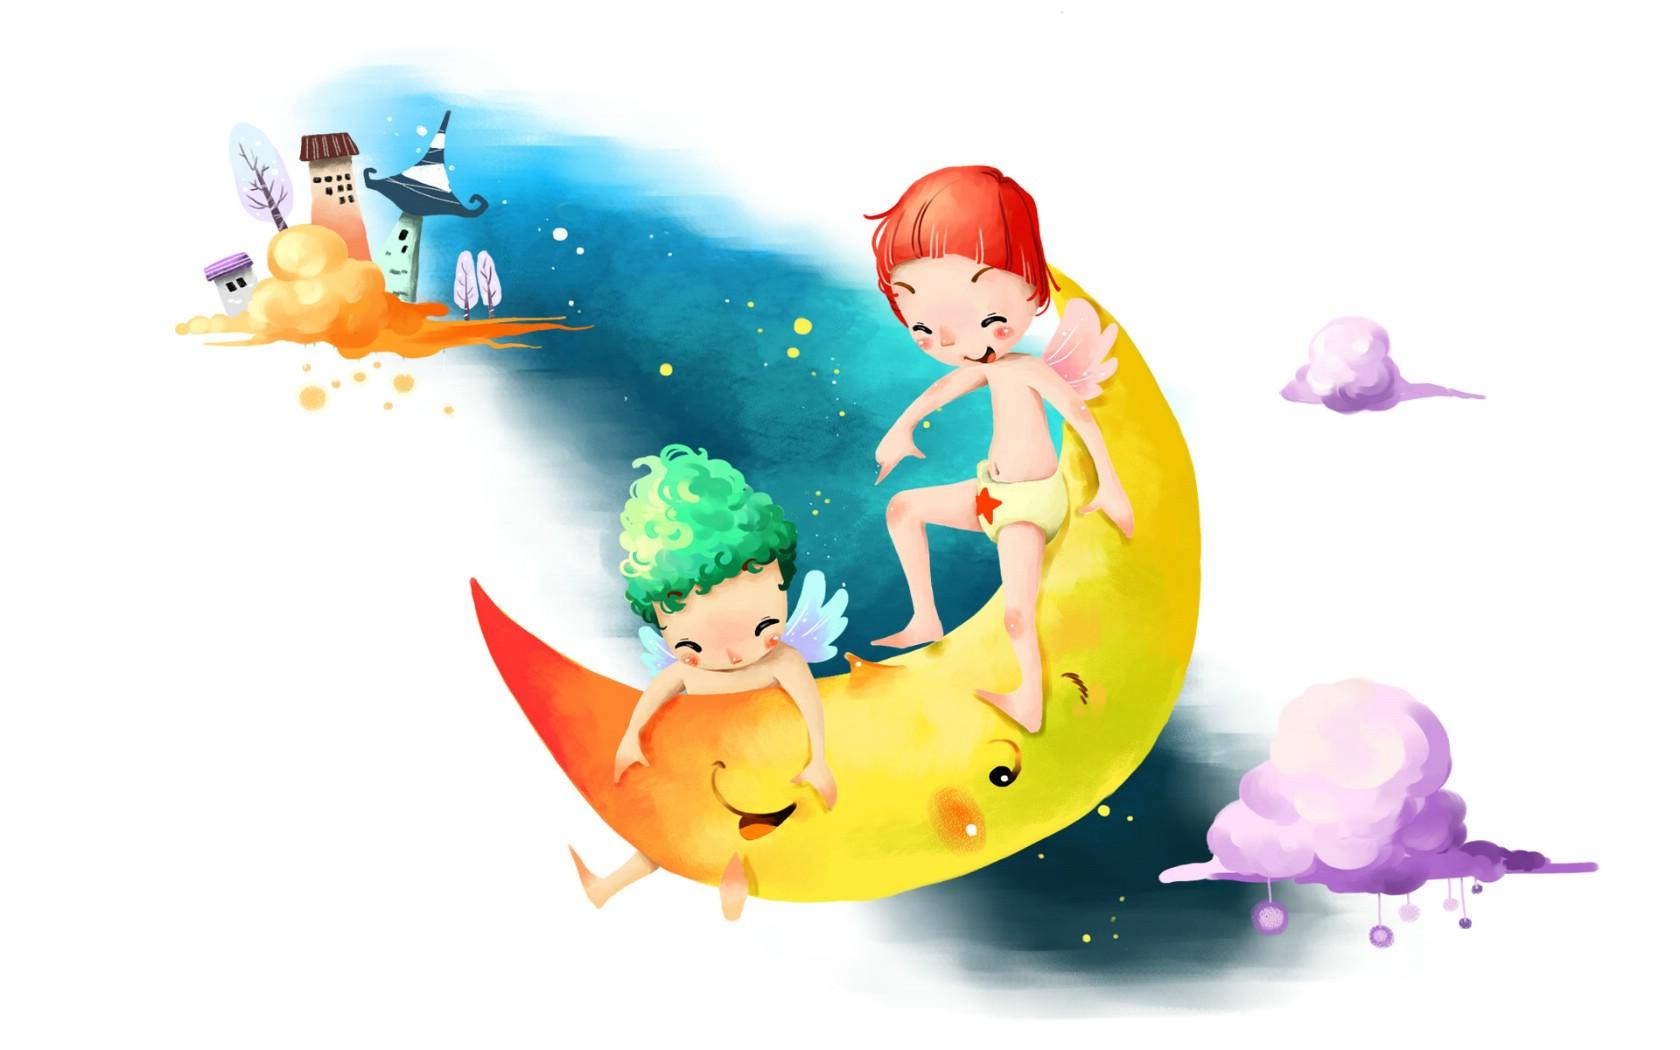 童年的欢乐吹泡泡唯美风景桌面壁纸-高清:童年回忆!